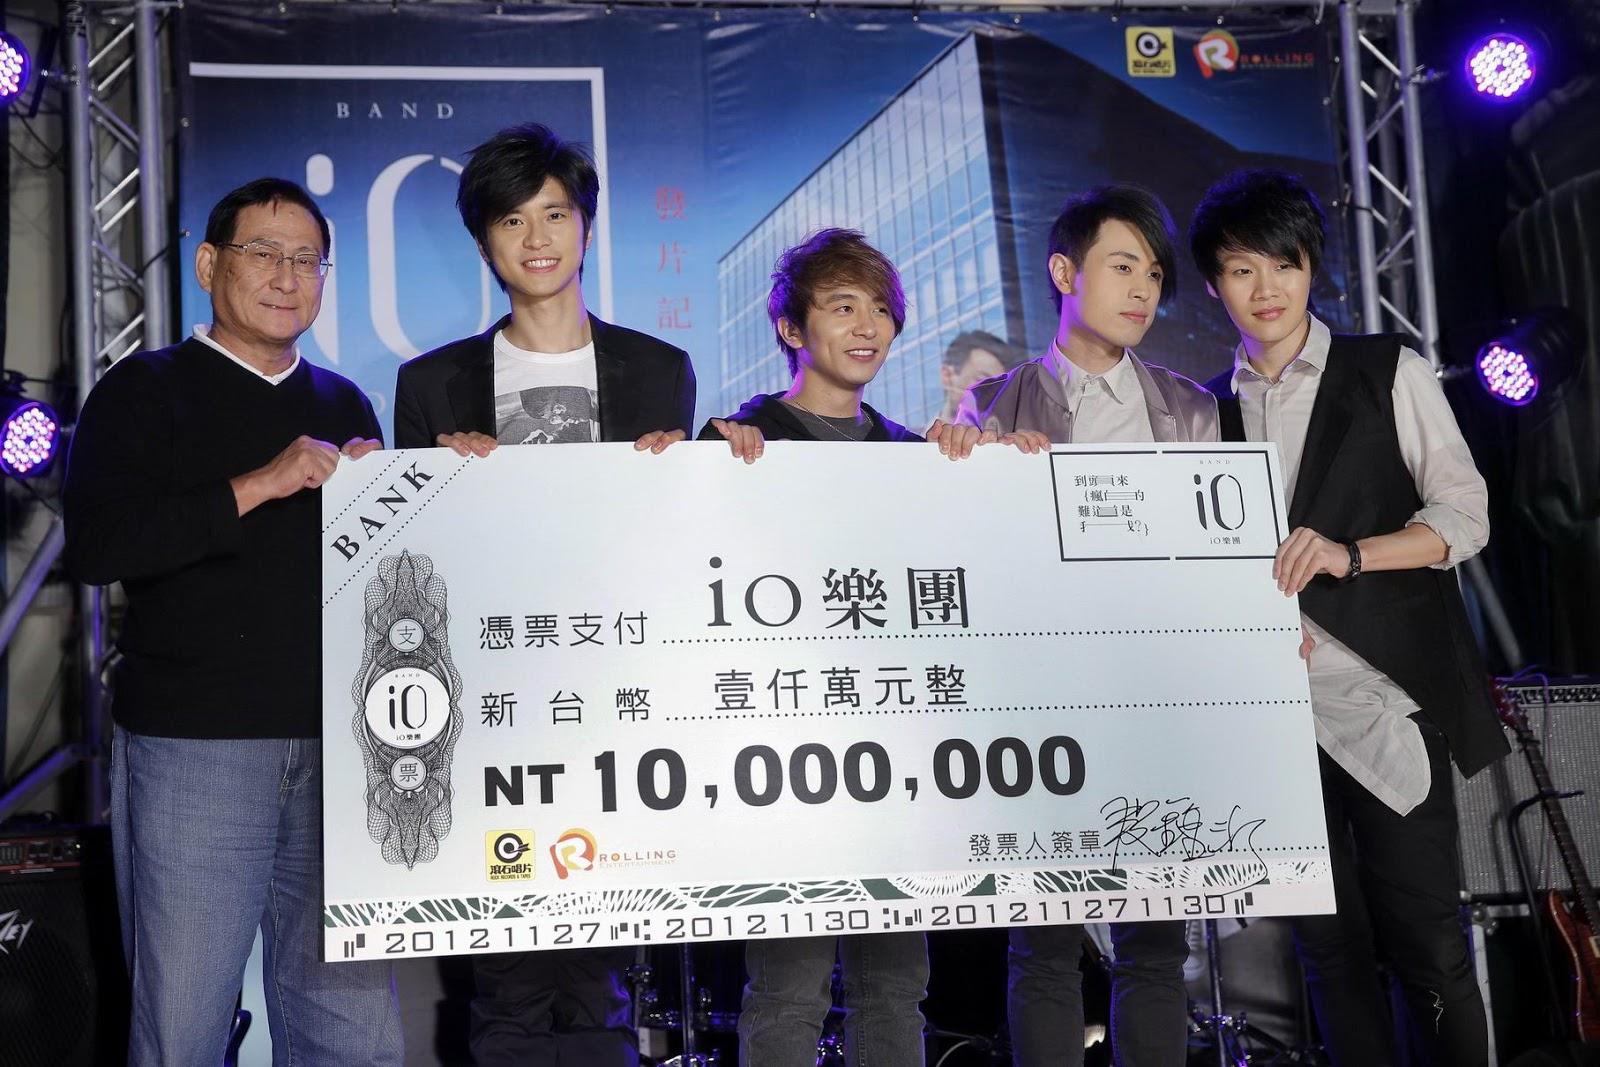 io樂團加盟滾石出輯 獲千萬版稅支票 - WoWoNews